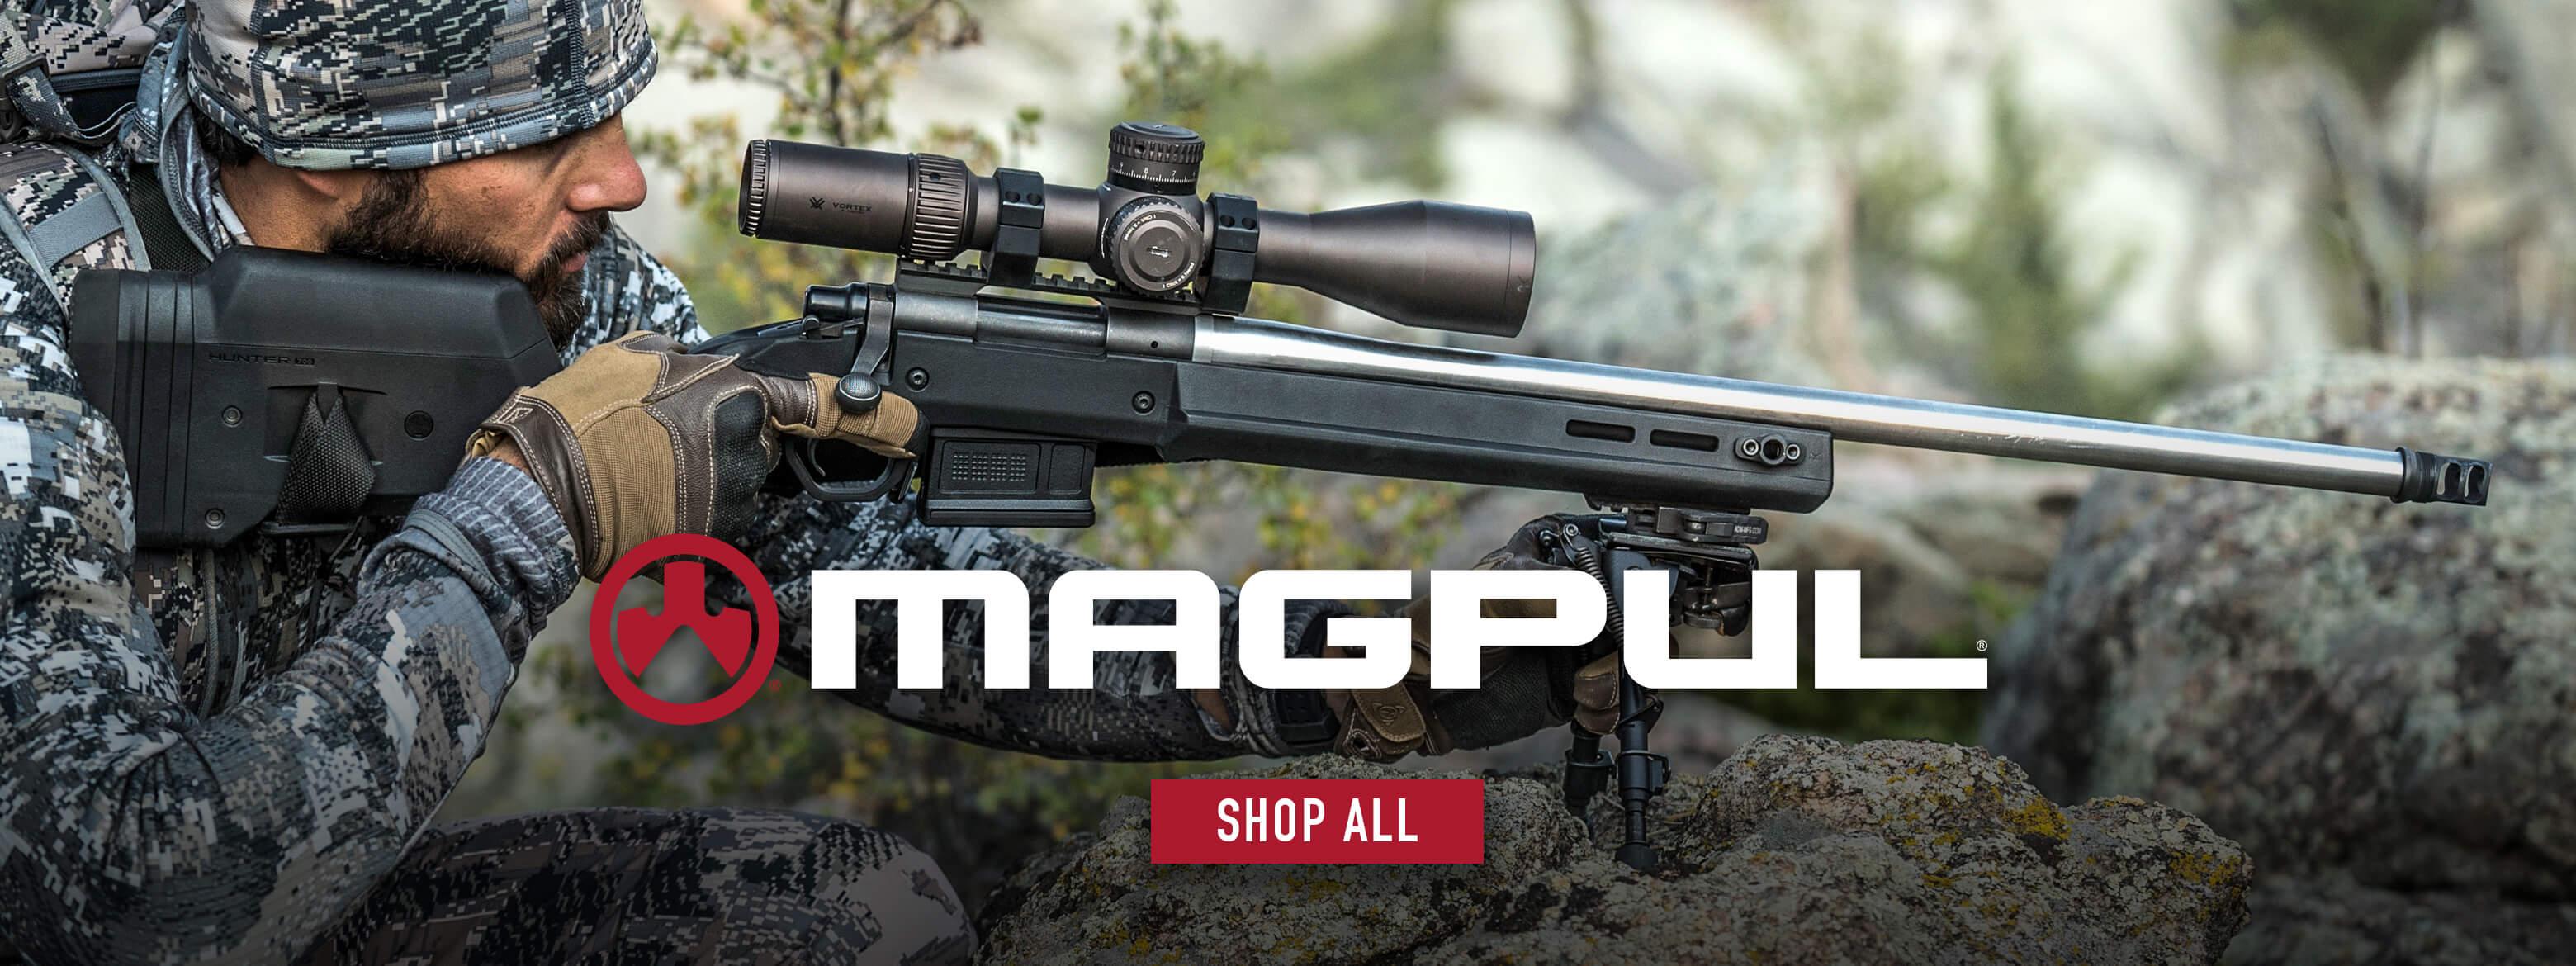 Shop All Magpul